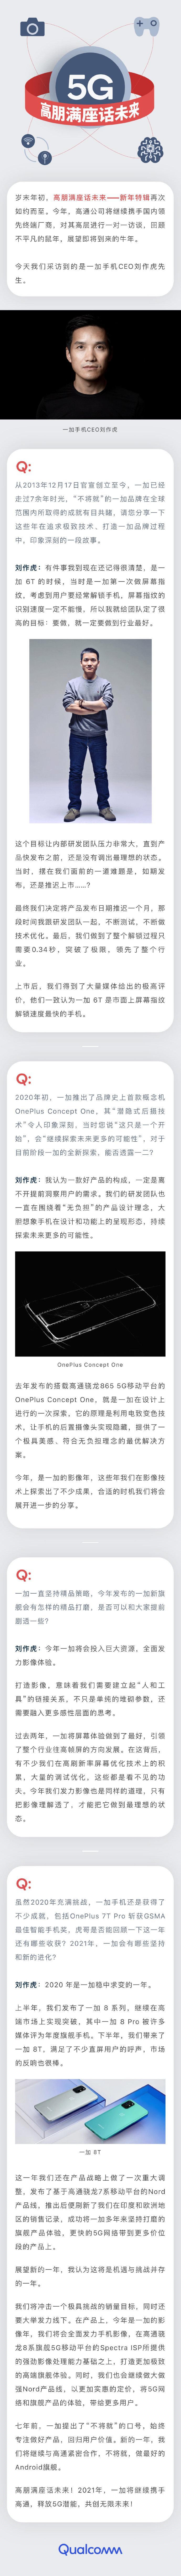 高通专访刘作虎:今年是一加的影像年,将全面发力手机影像